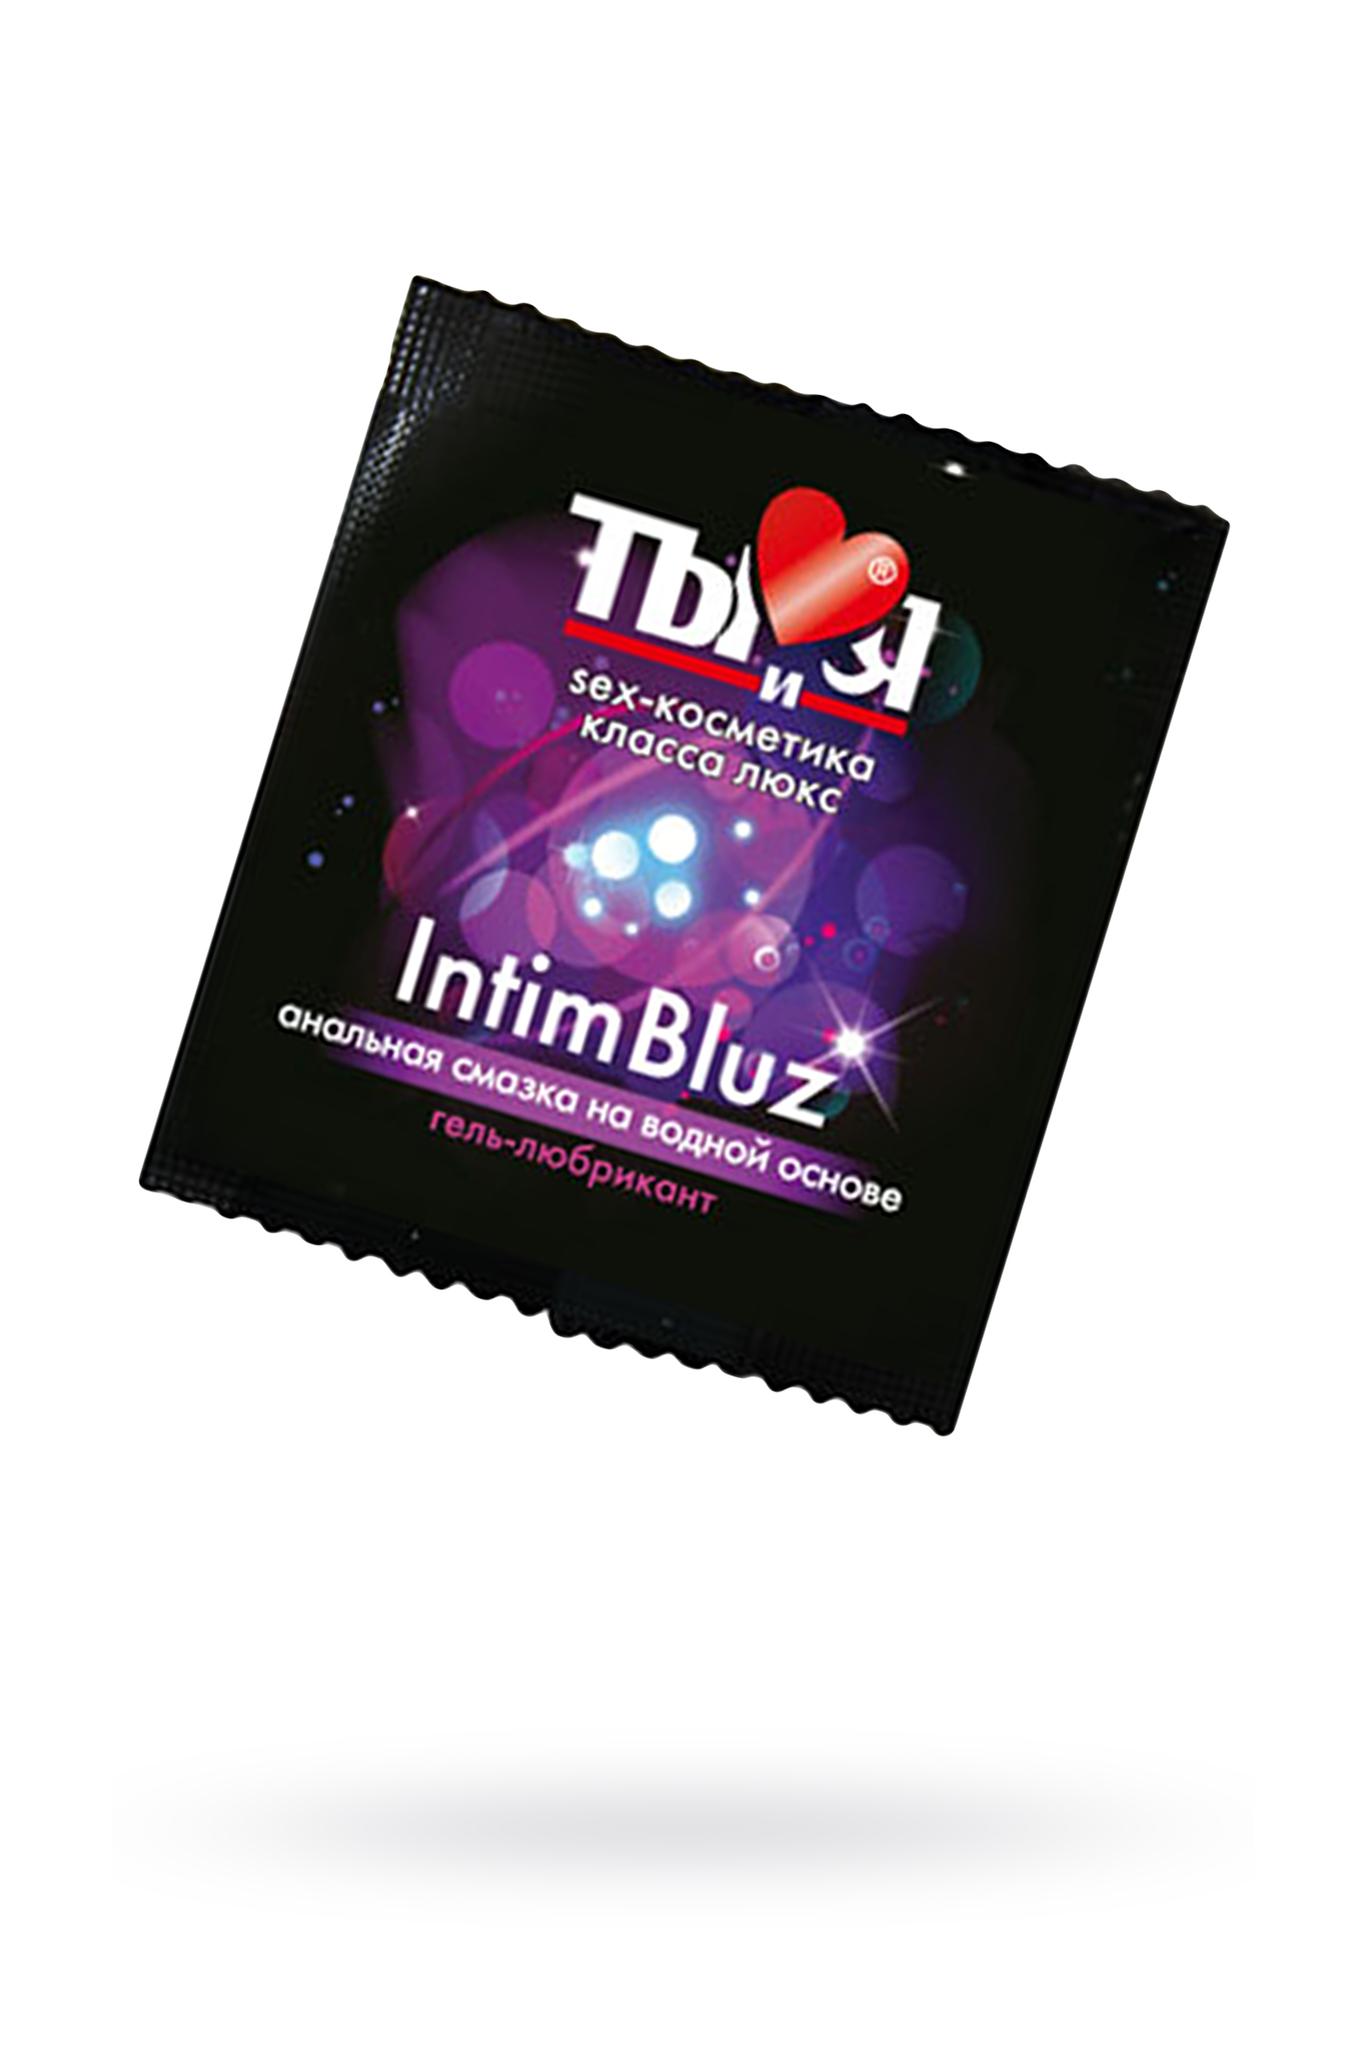 Гель-лубрикант Ты и Я Intim Bluz анальный 4 г, 20 шт в упаковке фото